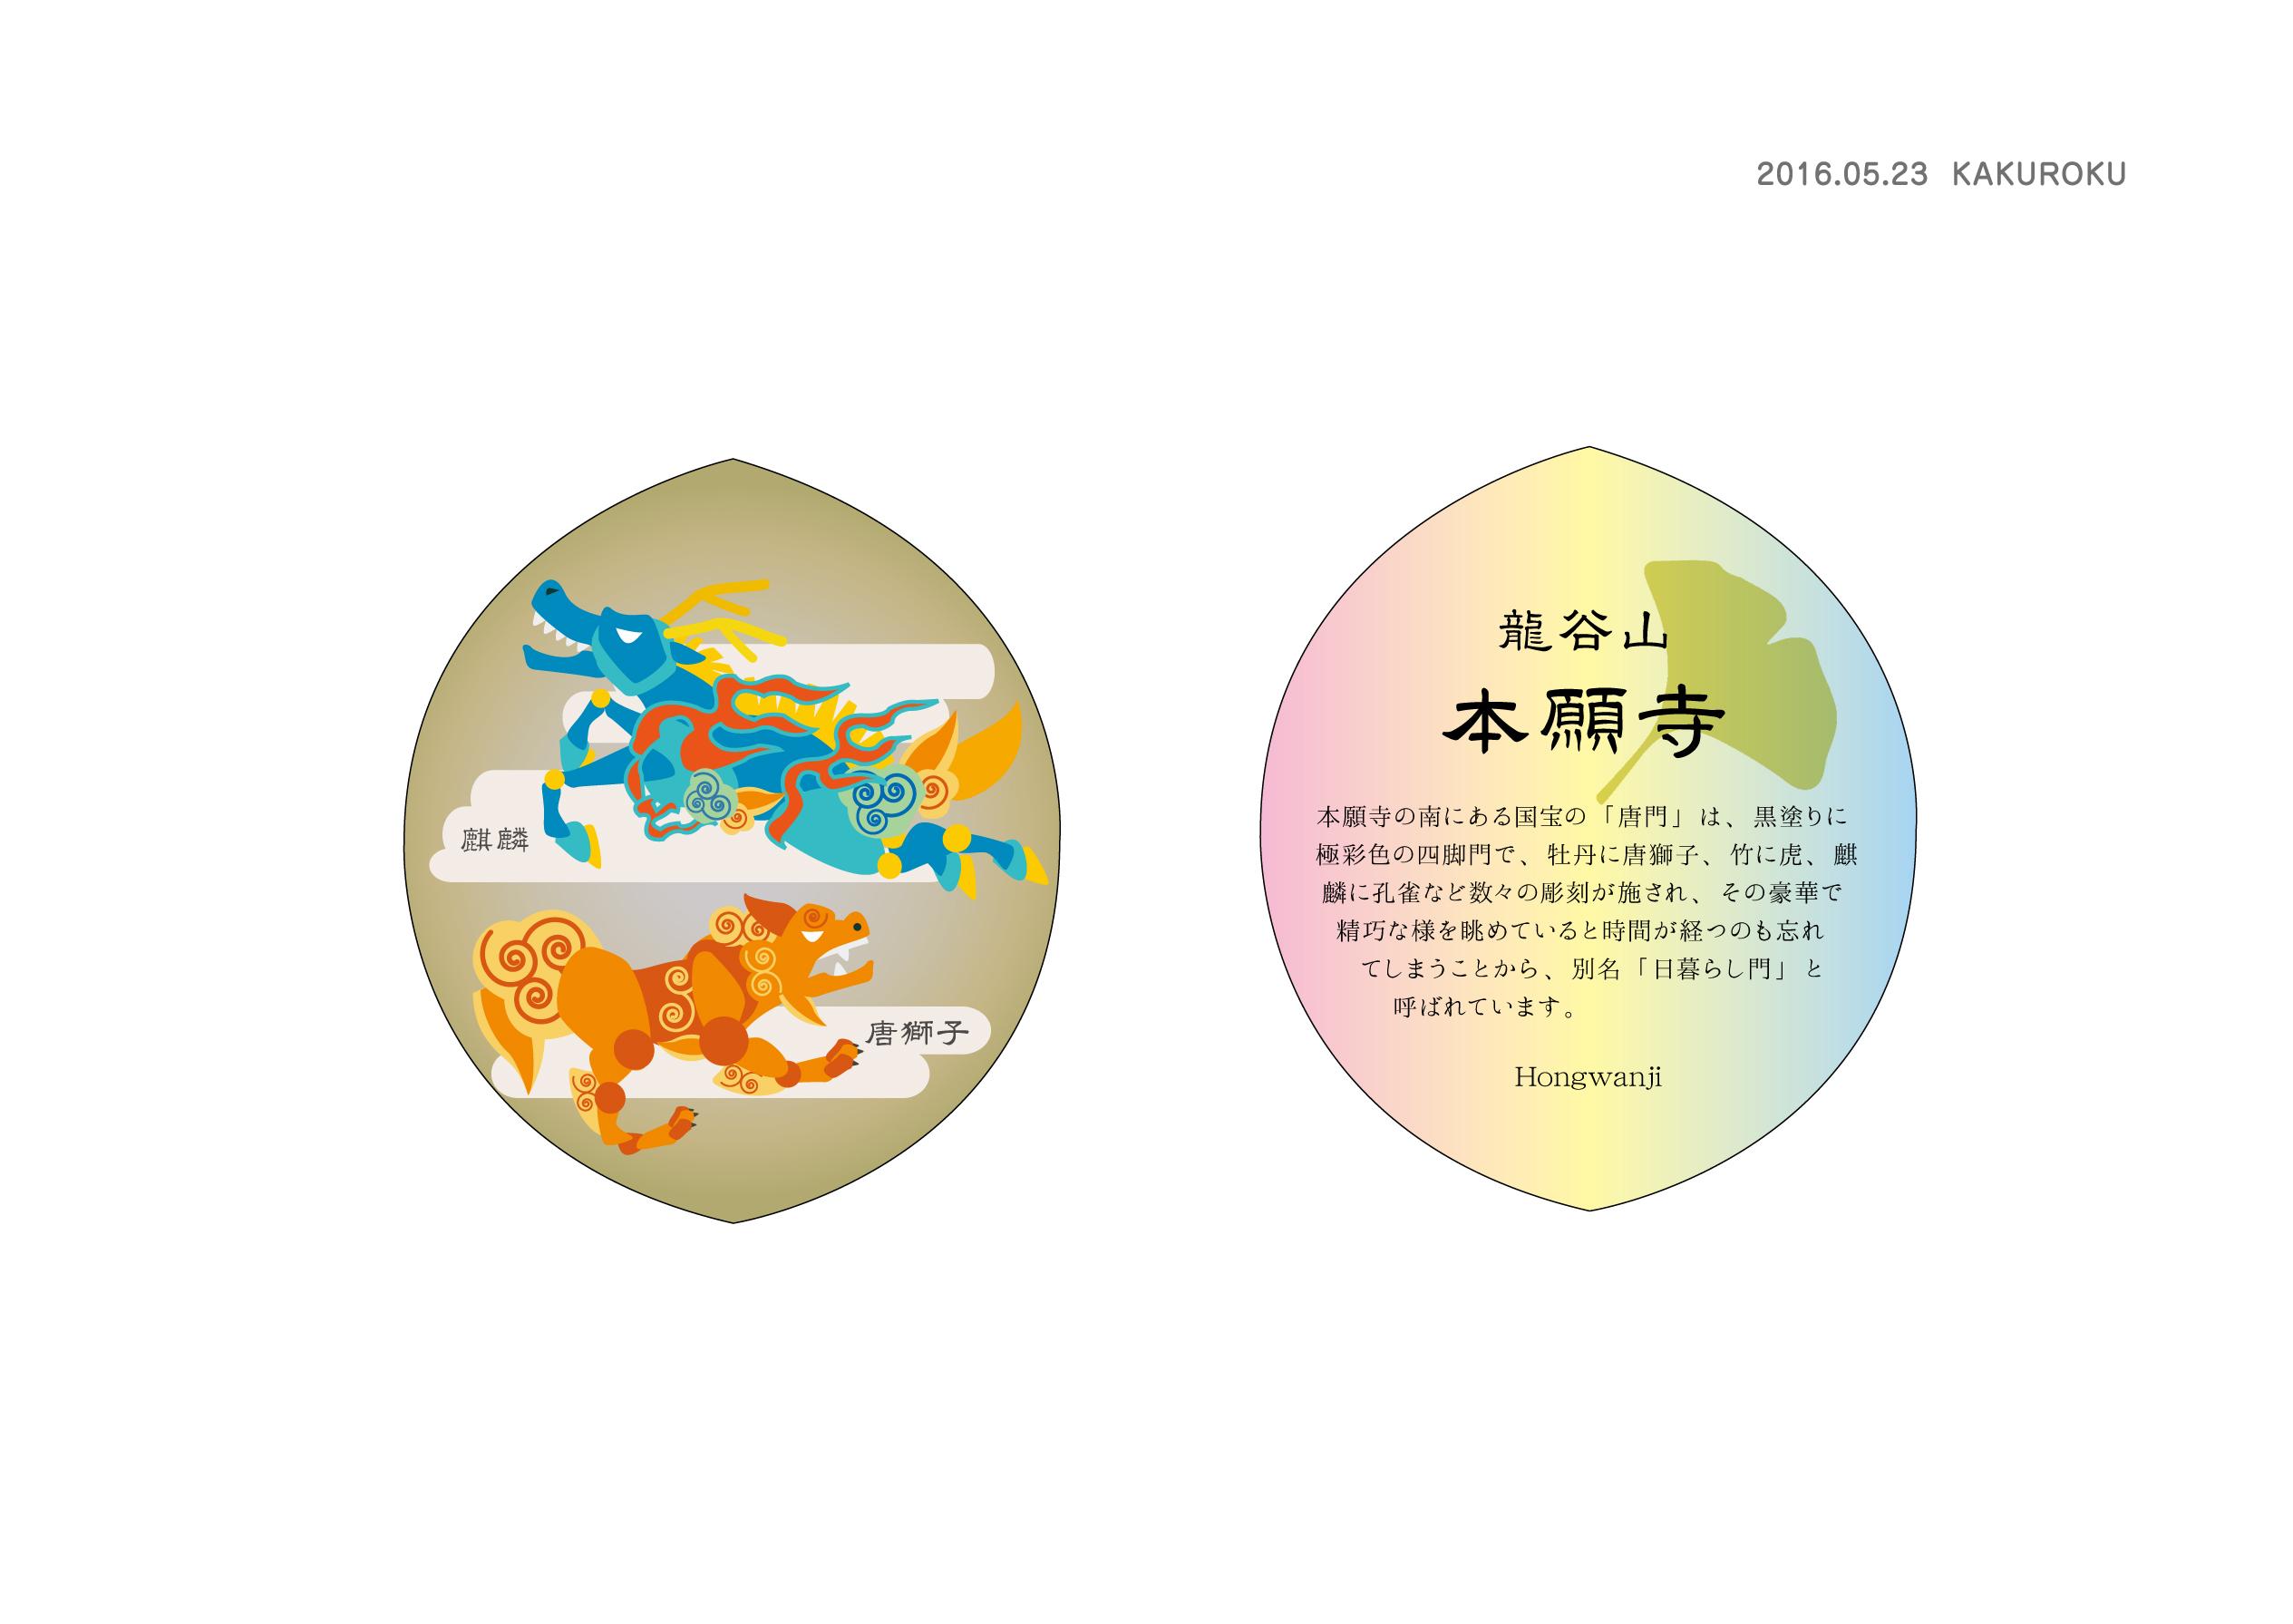 本願寺 記念配布用「散華」